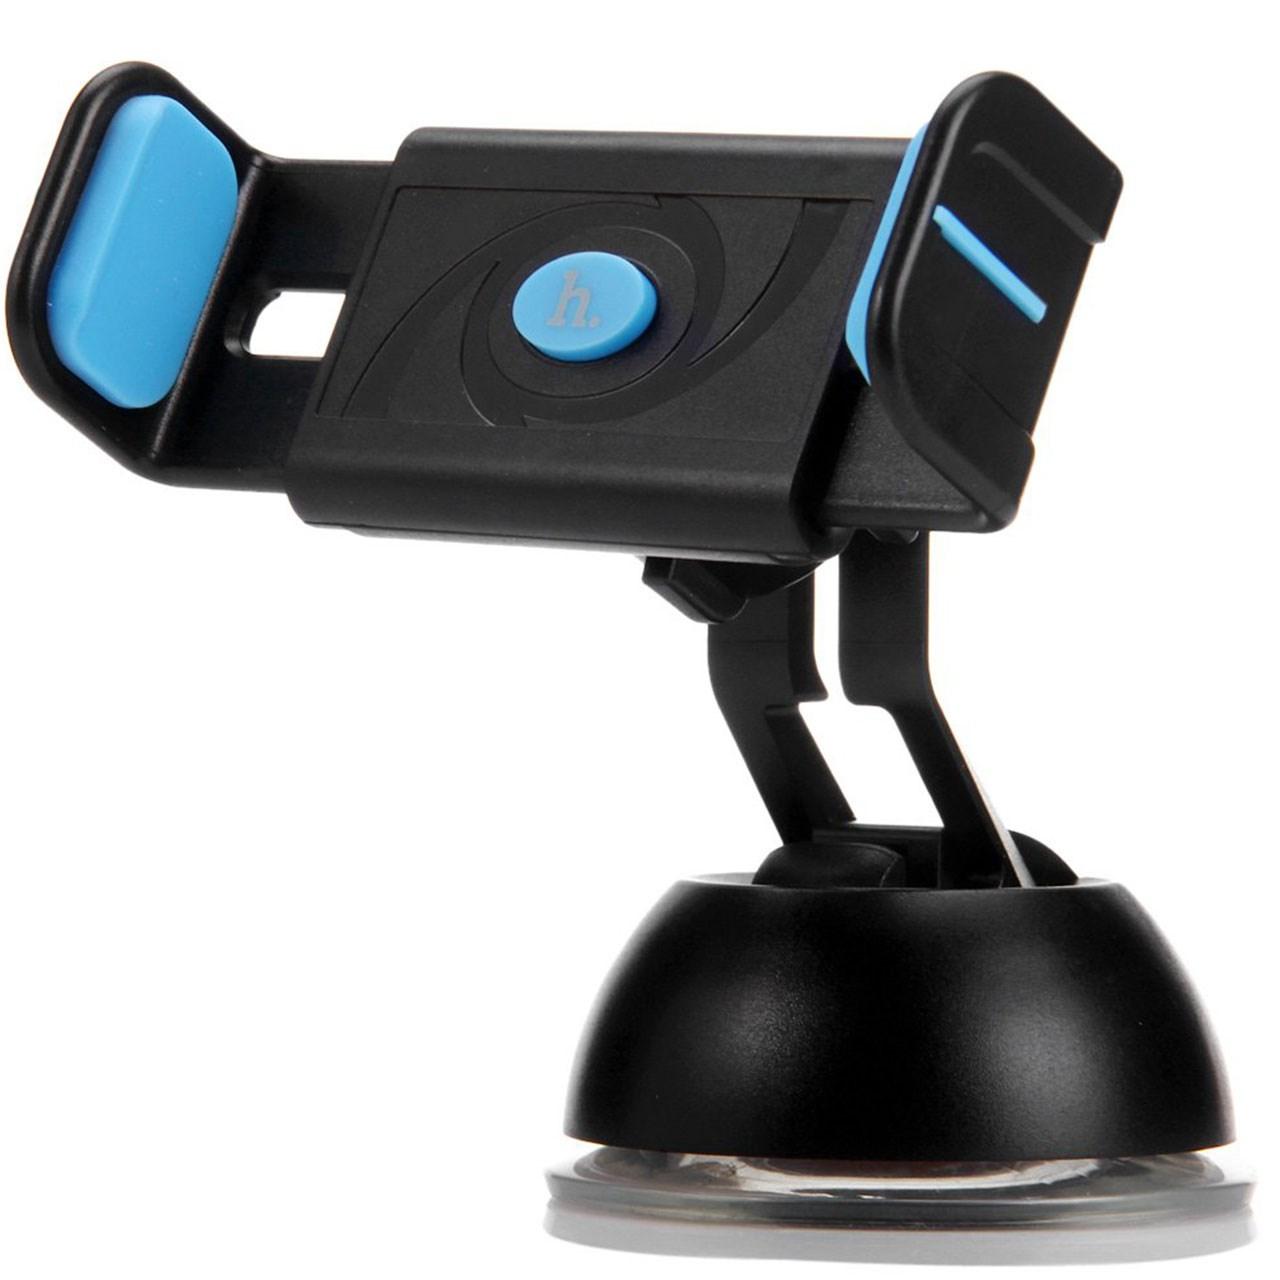 پایه نگهدارنده گوشی موبایل هوکو مدل CPH17